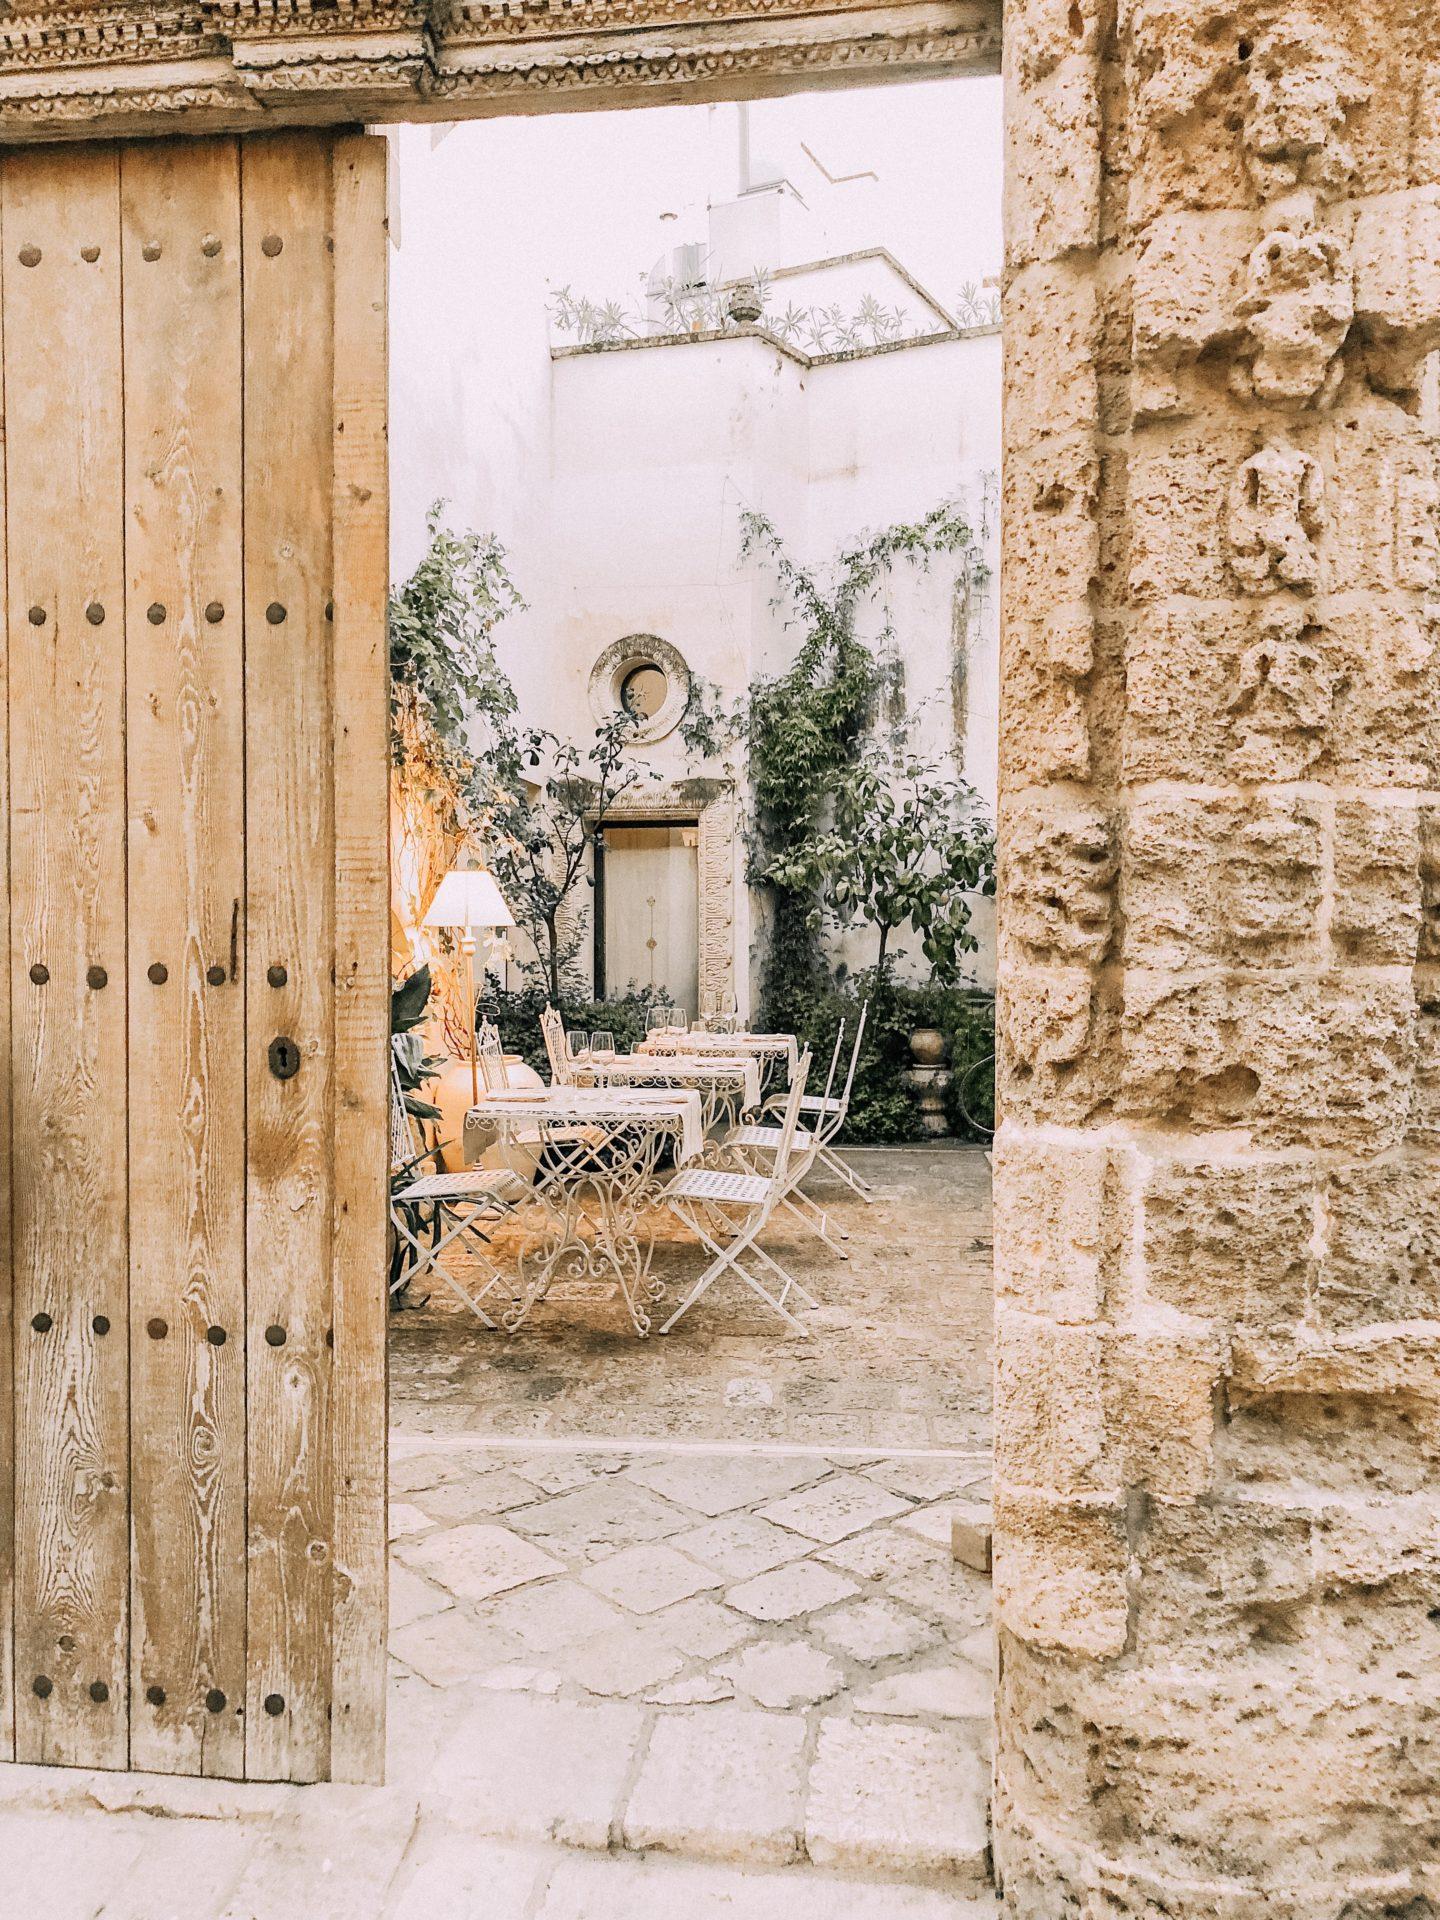 Nardo, Puglia 3